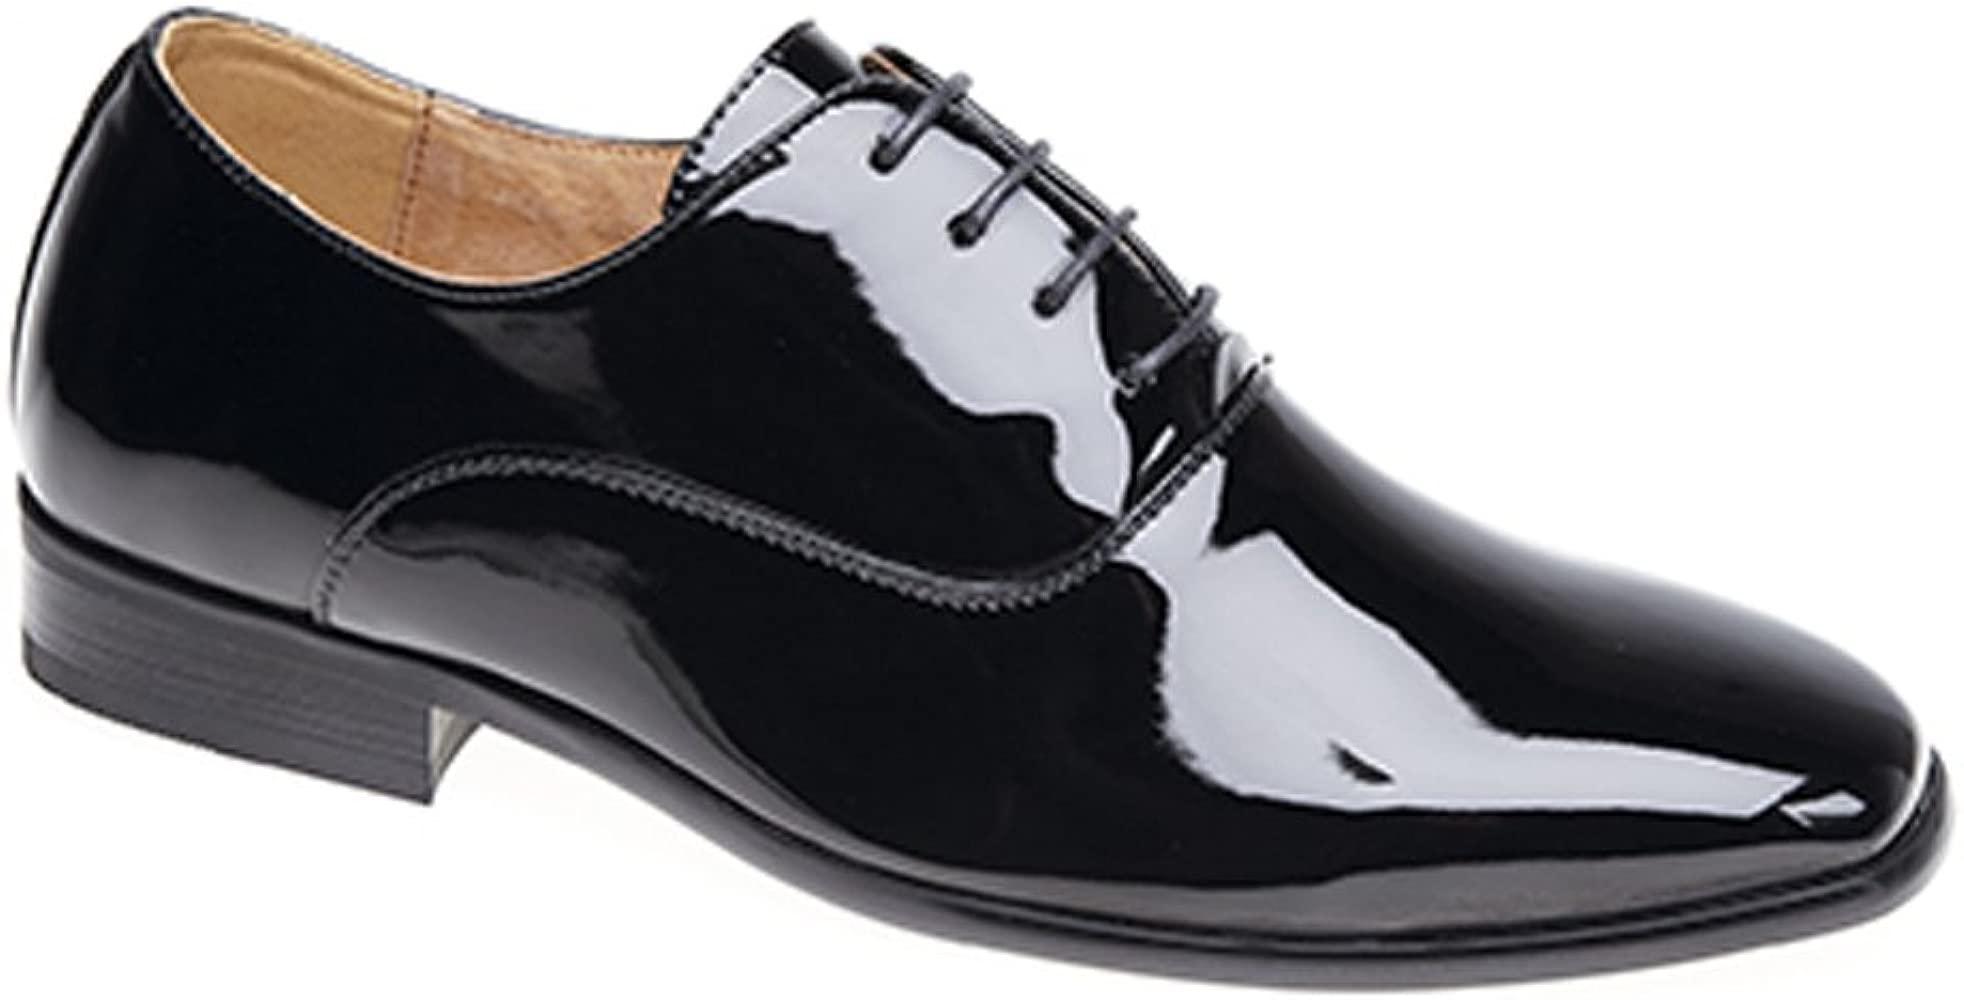 Herren Abenduniform Schwarz Lack Oxford Krawatte Schuhe